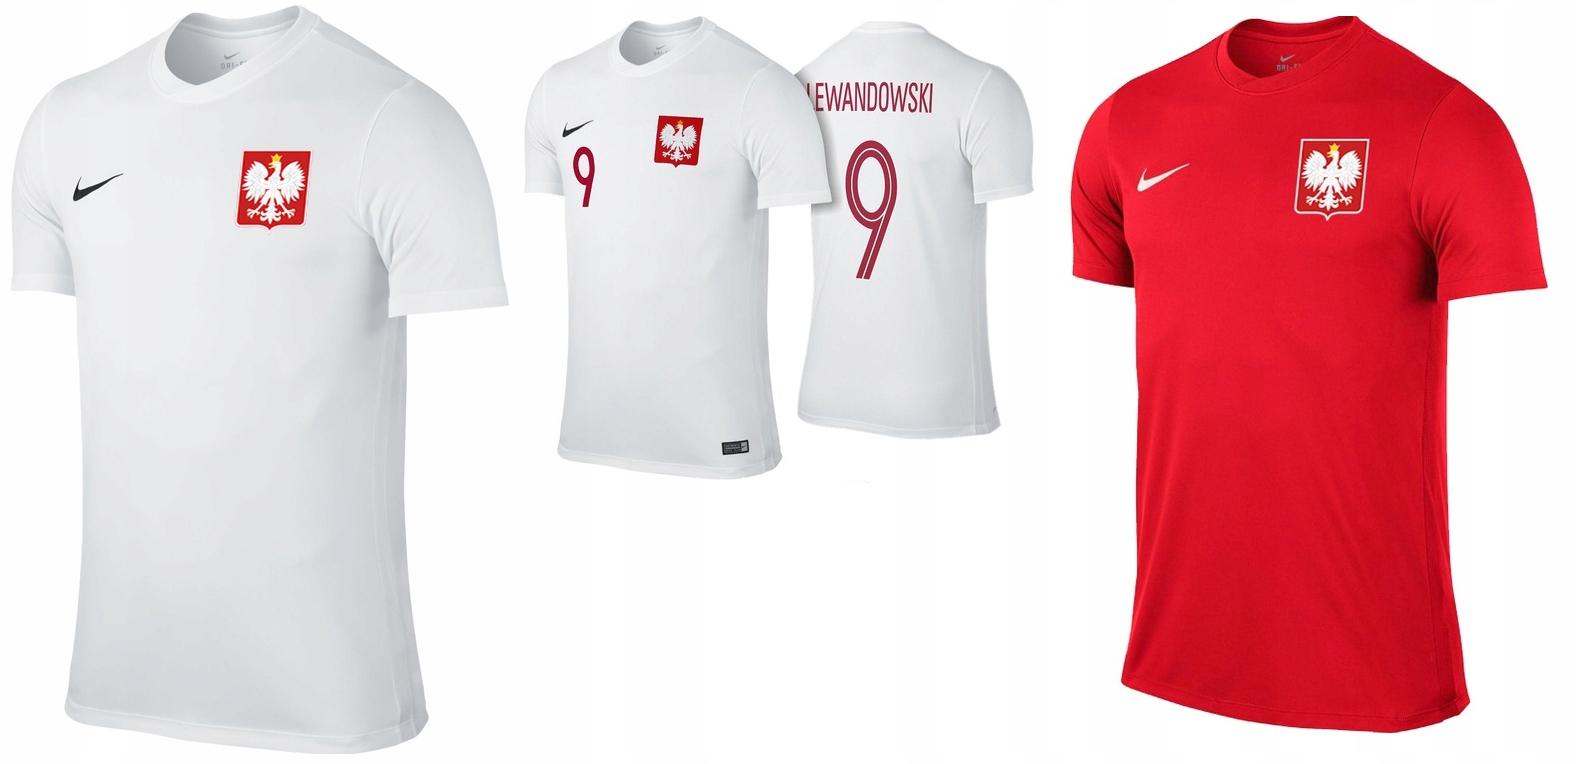 5c5b5f39e koszulka Reprezentacji Polski NIKE NA PREZENT - 7693249422 ...